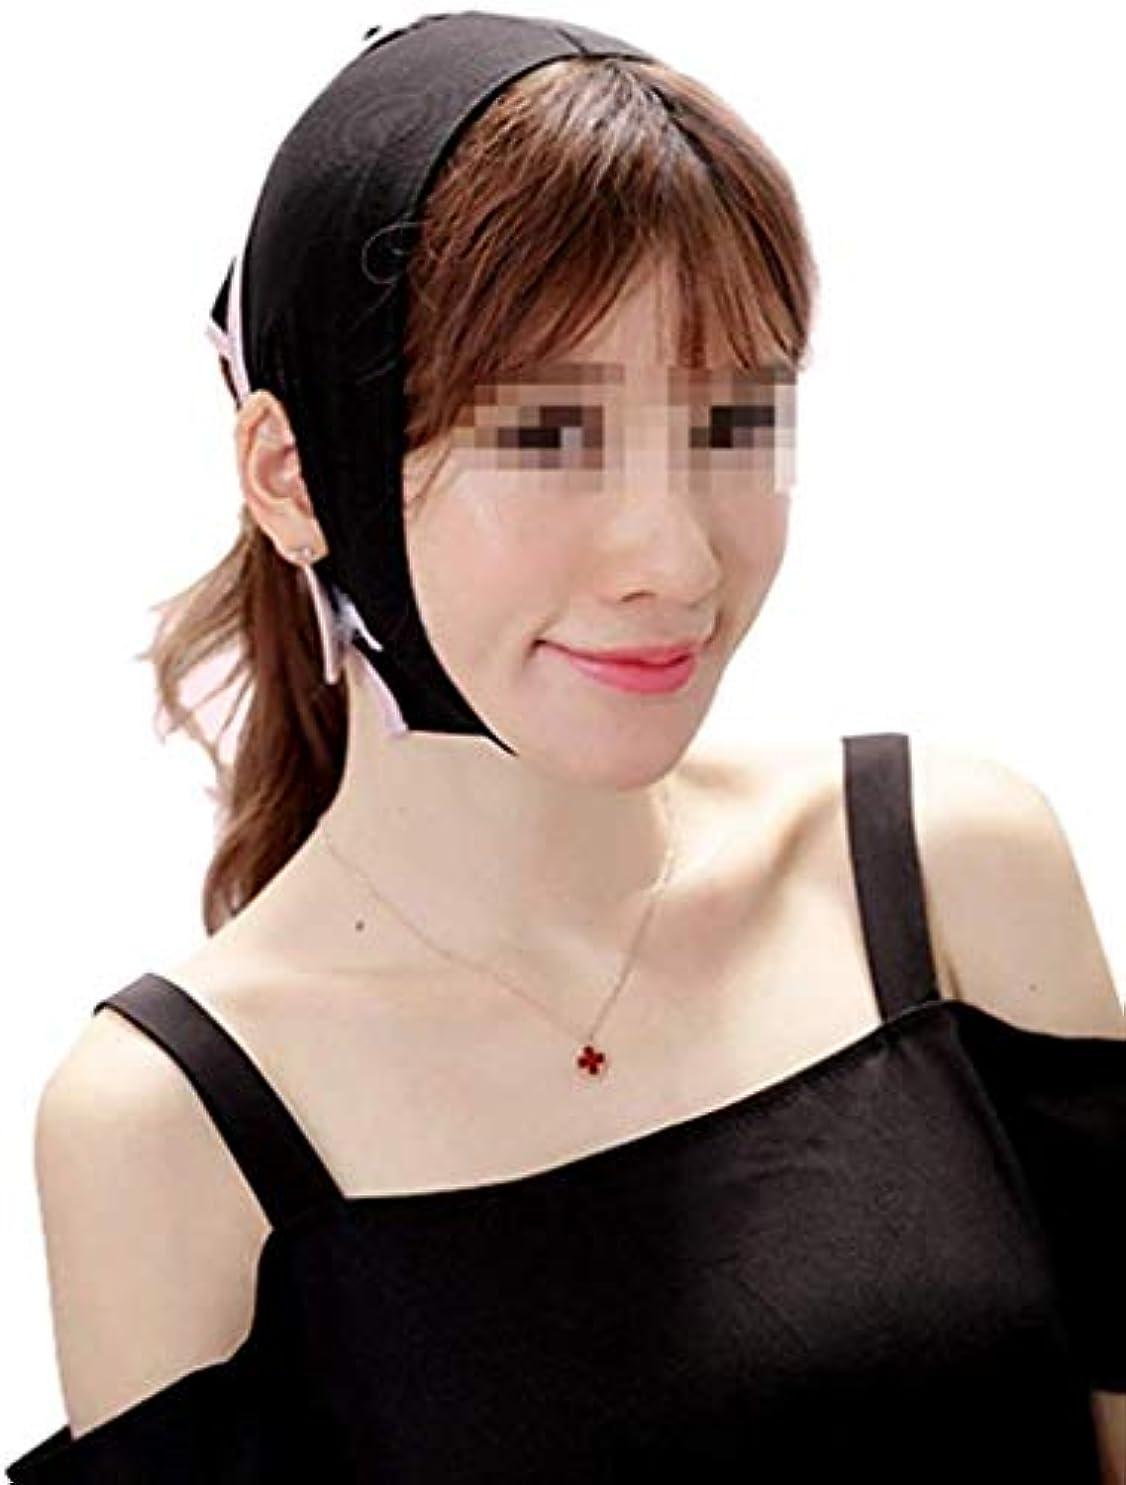 ライターアプライアンス単語美容と実用的なフェイスリフトマスク、スモールVフェイス睡眠包帯マスク、薄いダブルチンリフトファーミングスキン